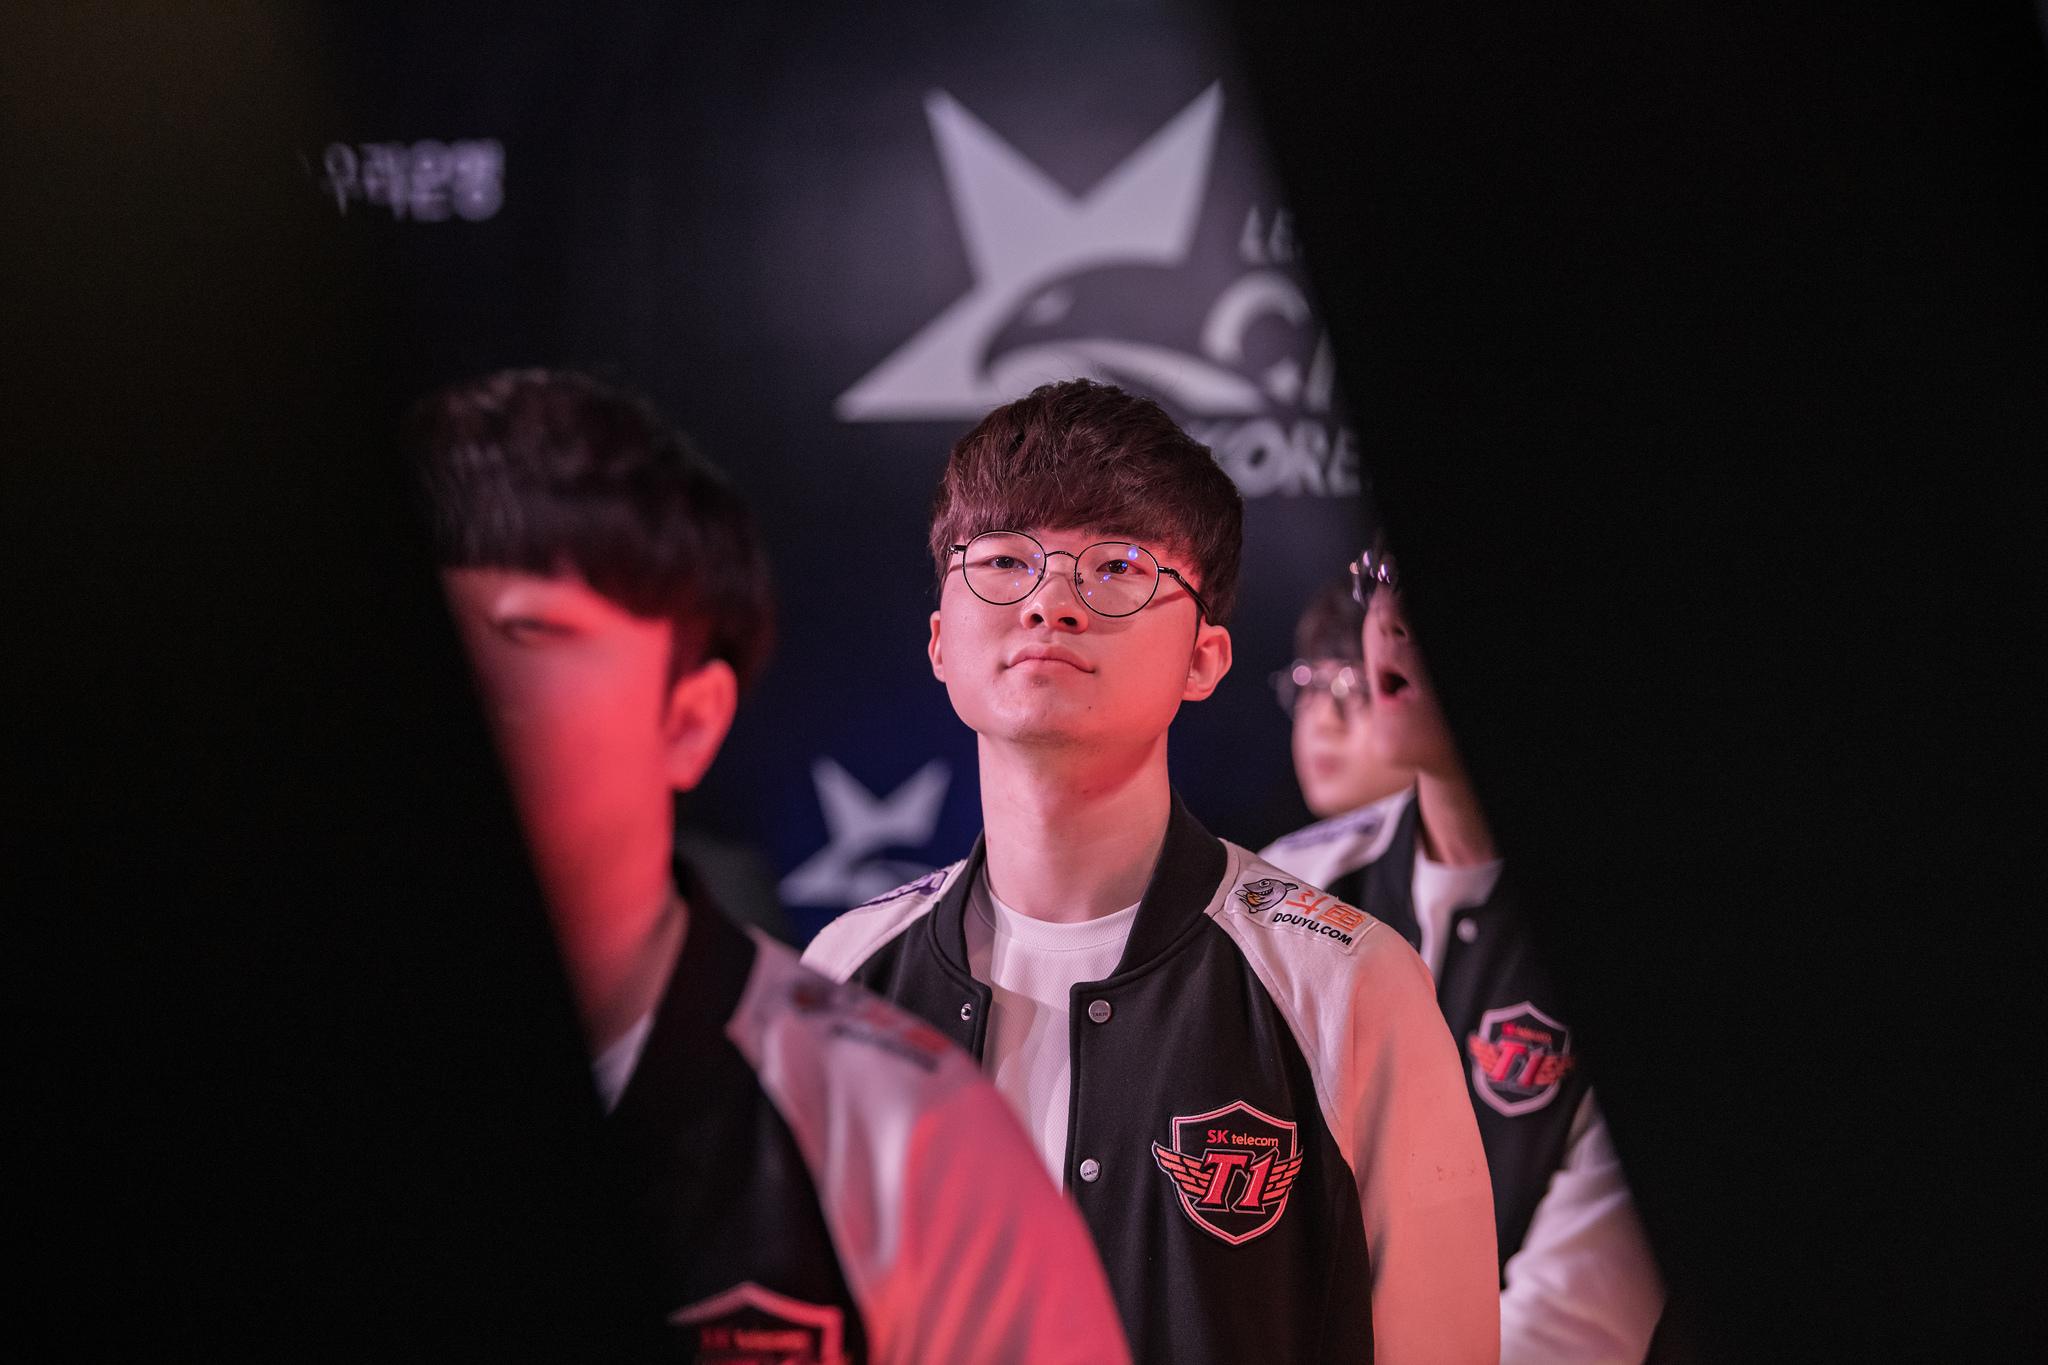 La LCK coreana vuelve el 25 de marzo